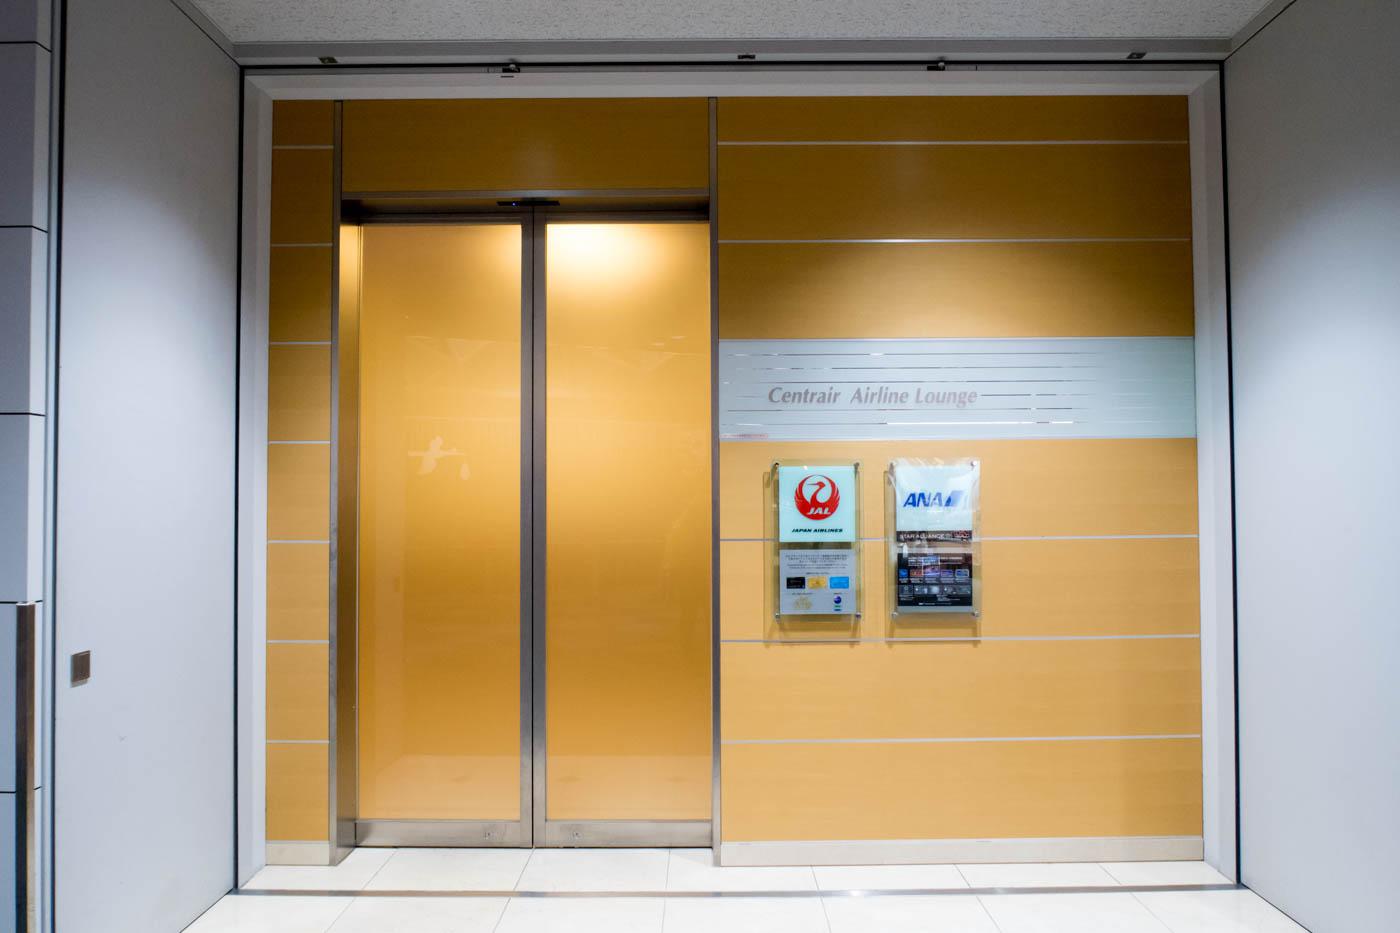 Centrair Airline Lounge Entrance